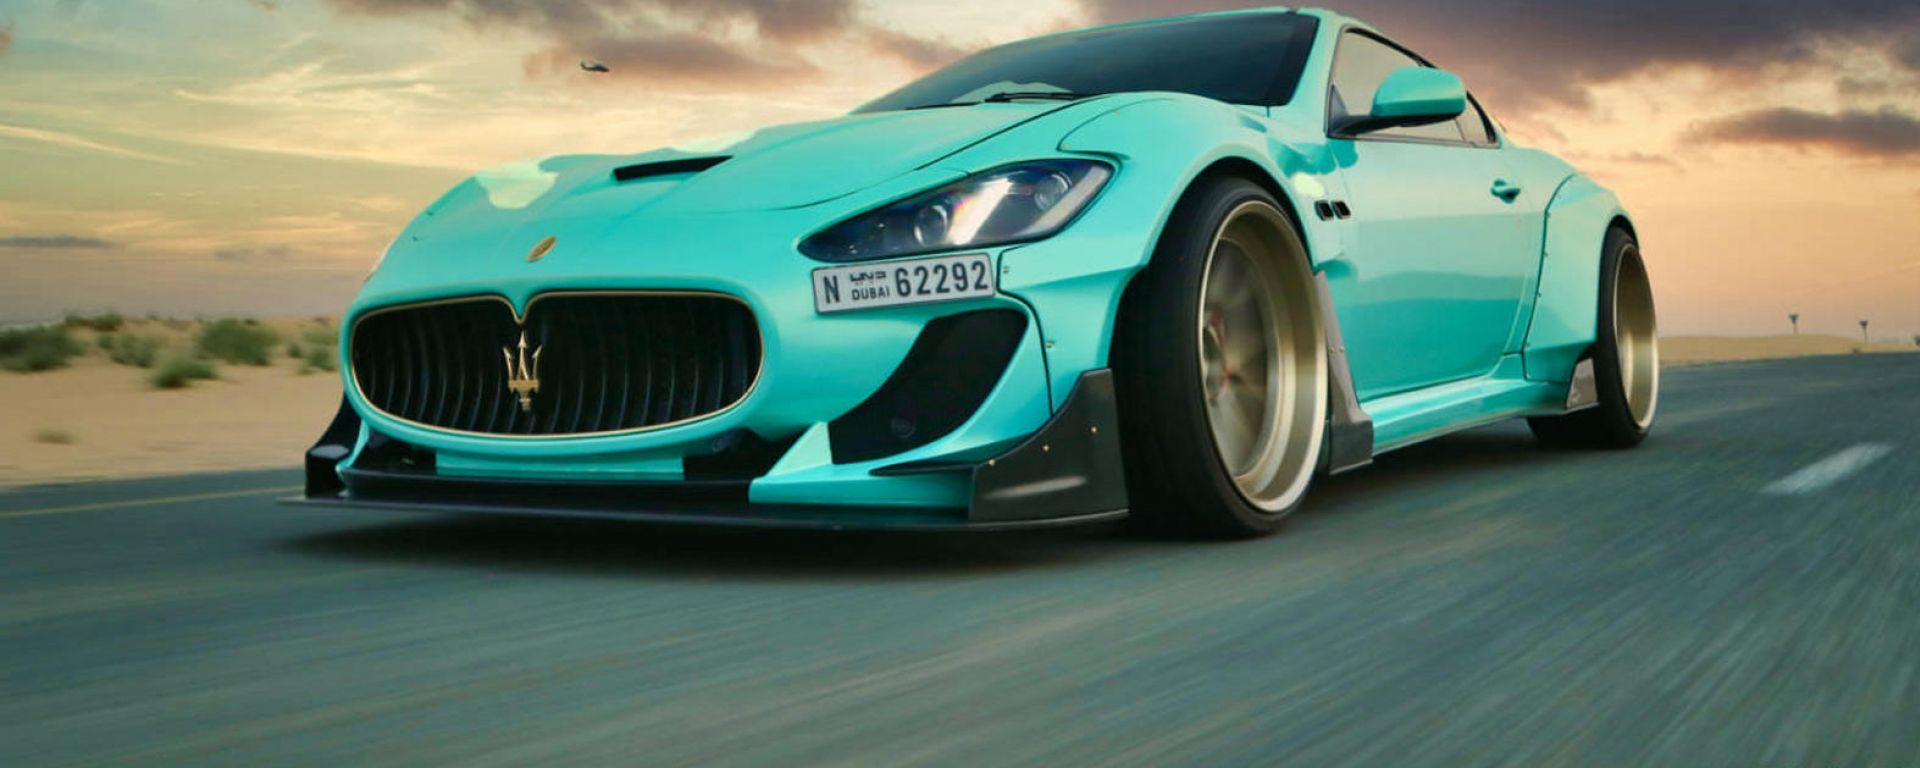 Maserati Granturismo Sport: eccola col kit Antivirus